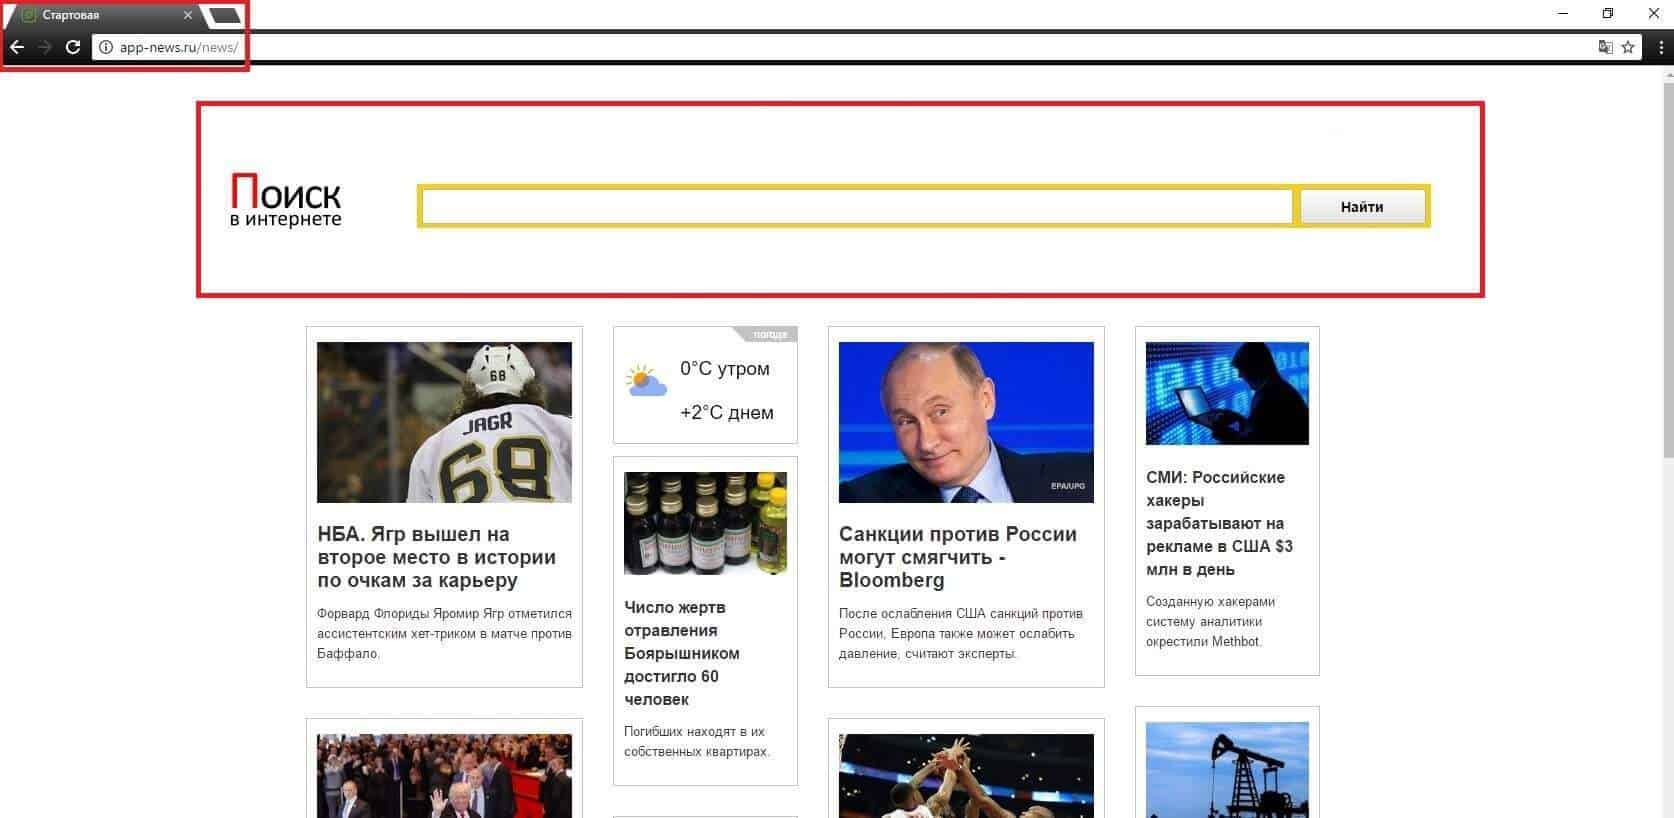 App-news.ru